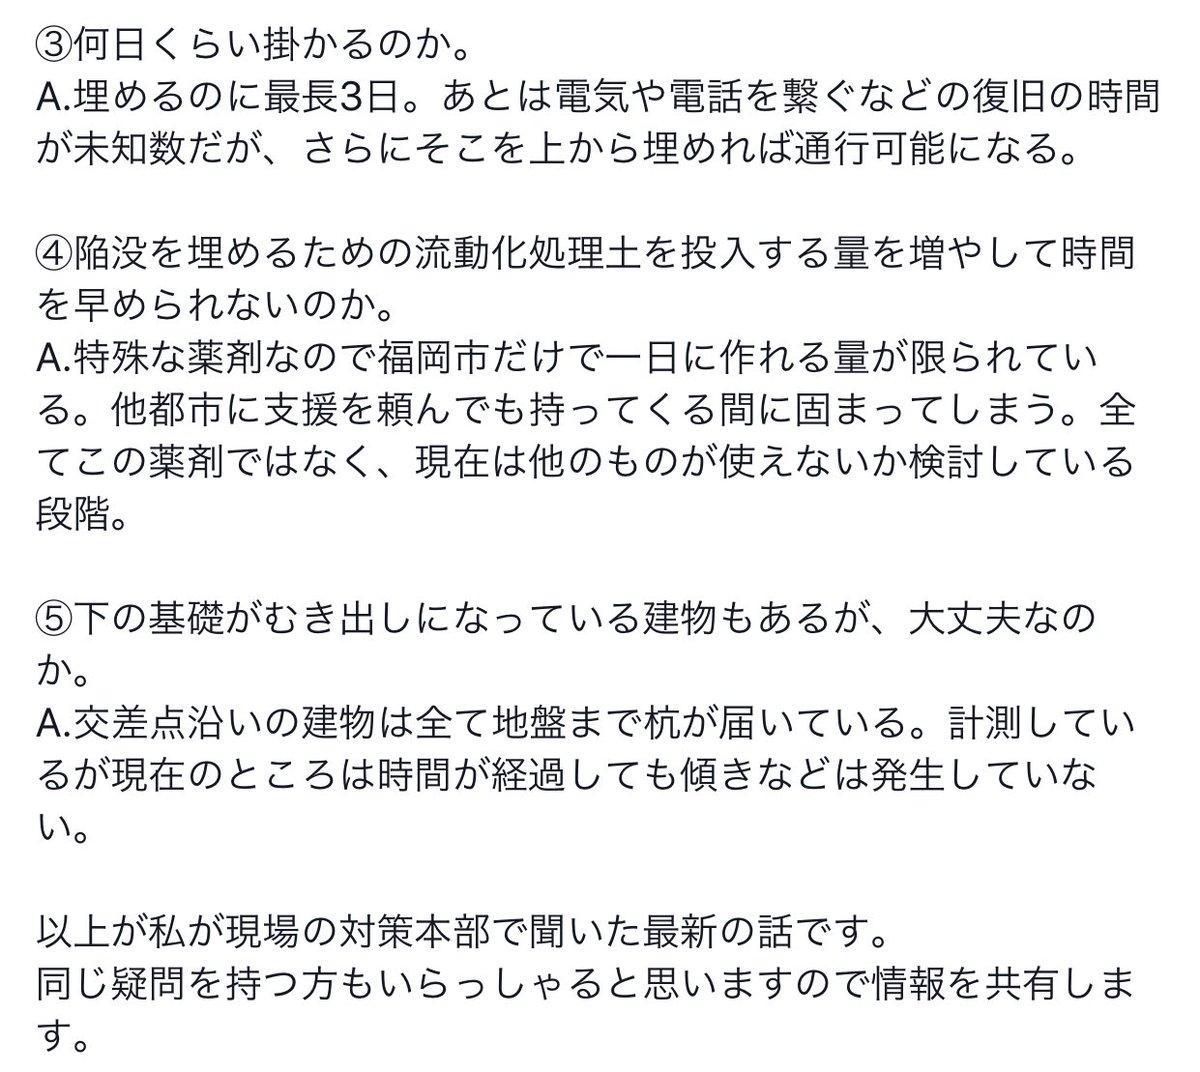 hakatakanbotsu_repair-7